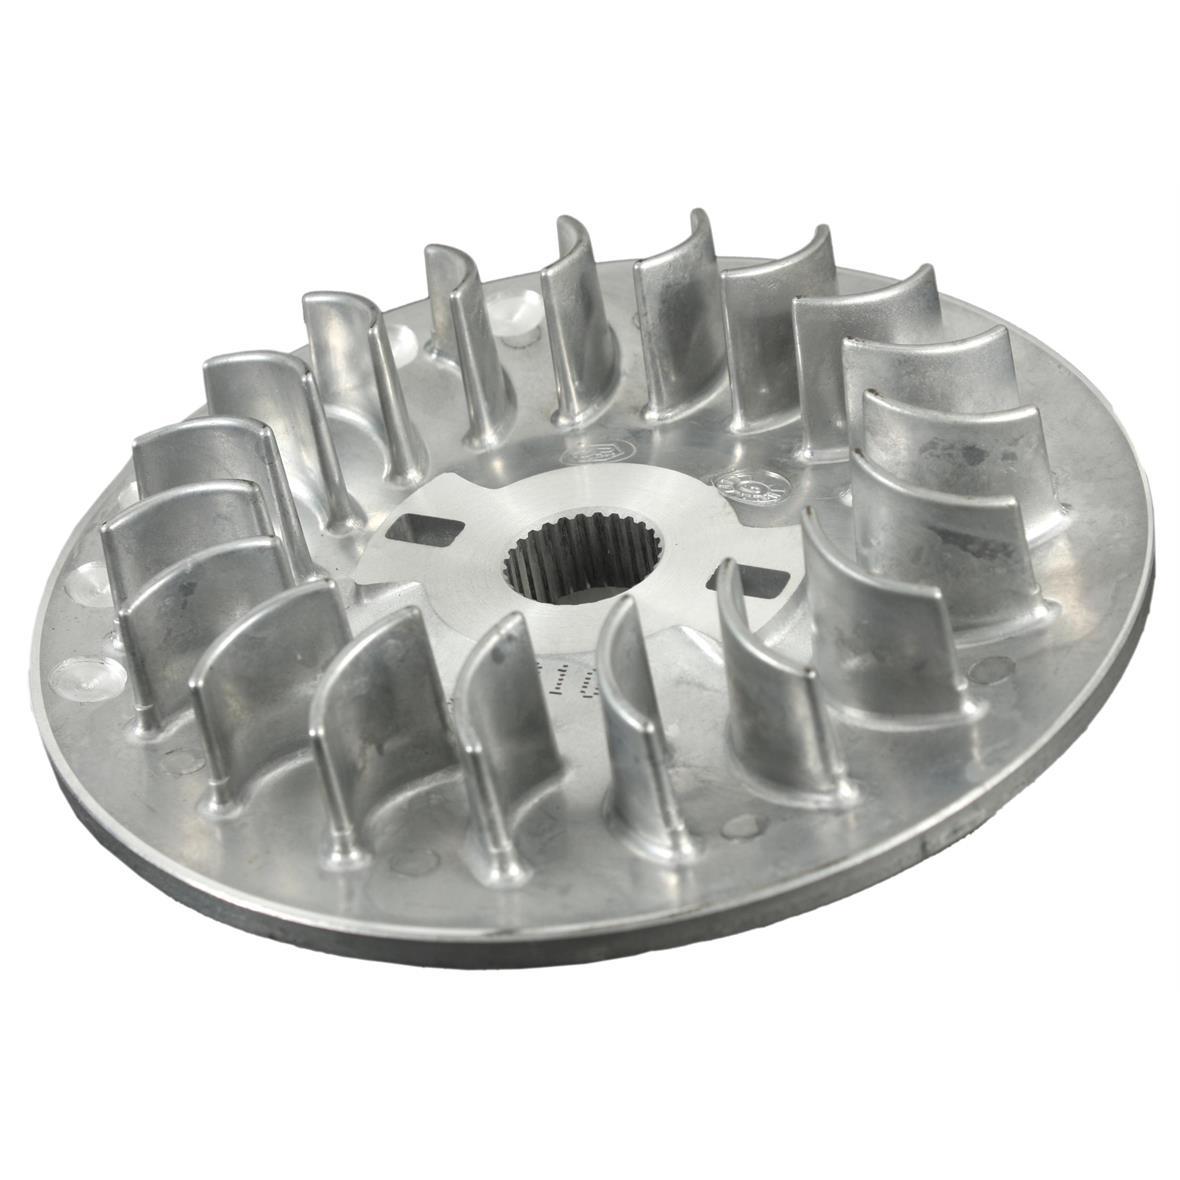 Product image for 'V-Belt PulleyTitle'